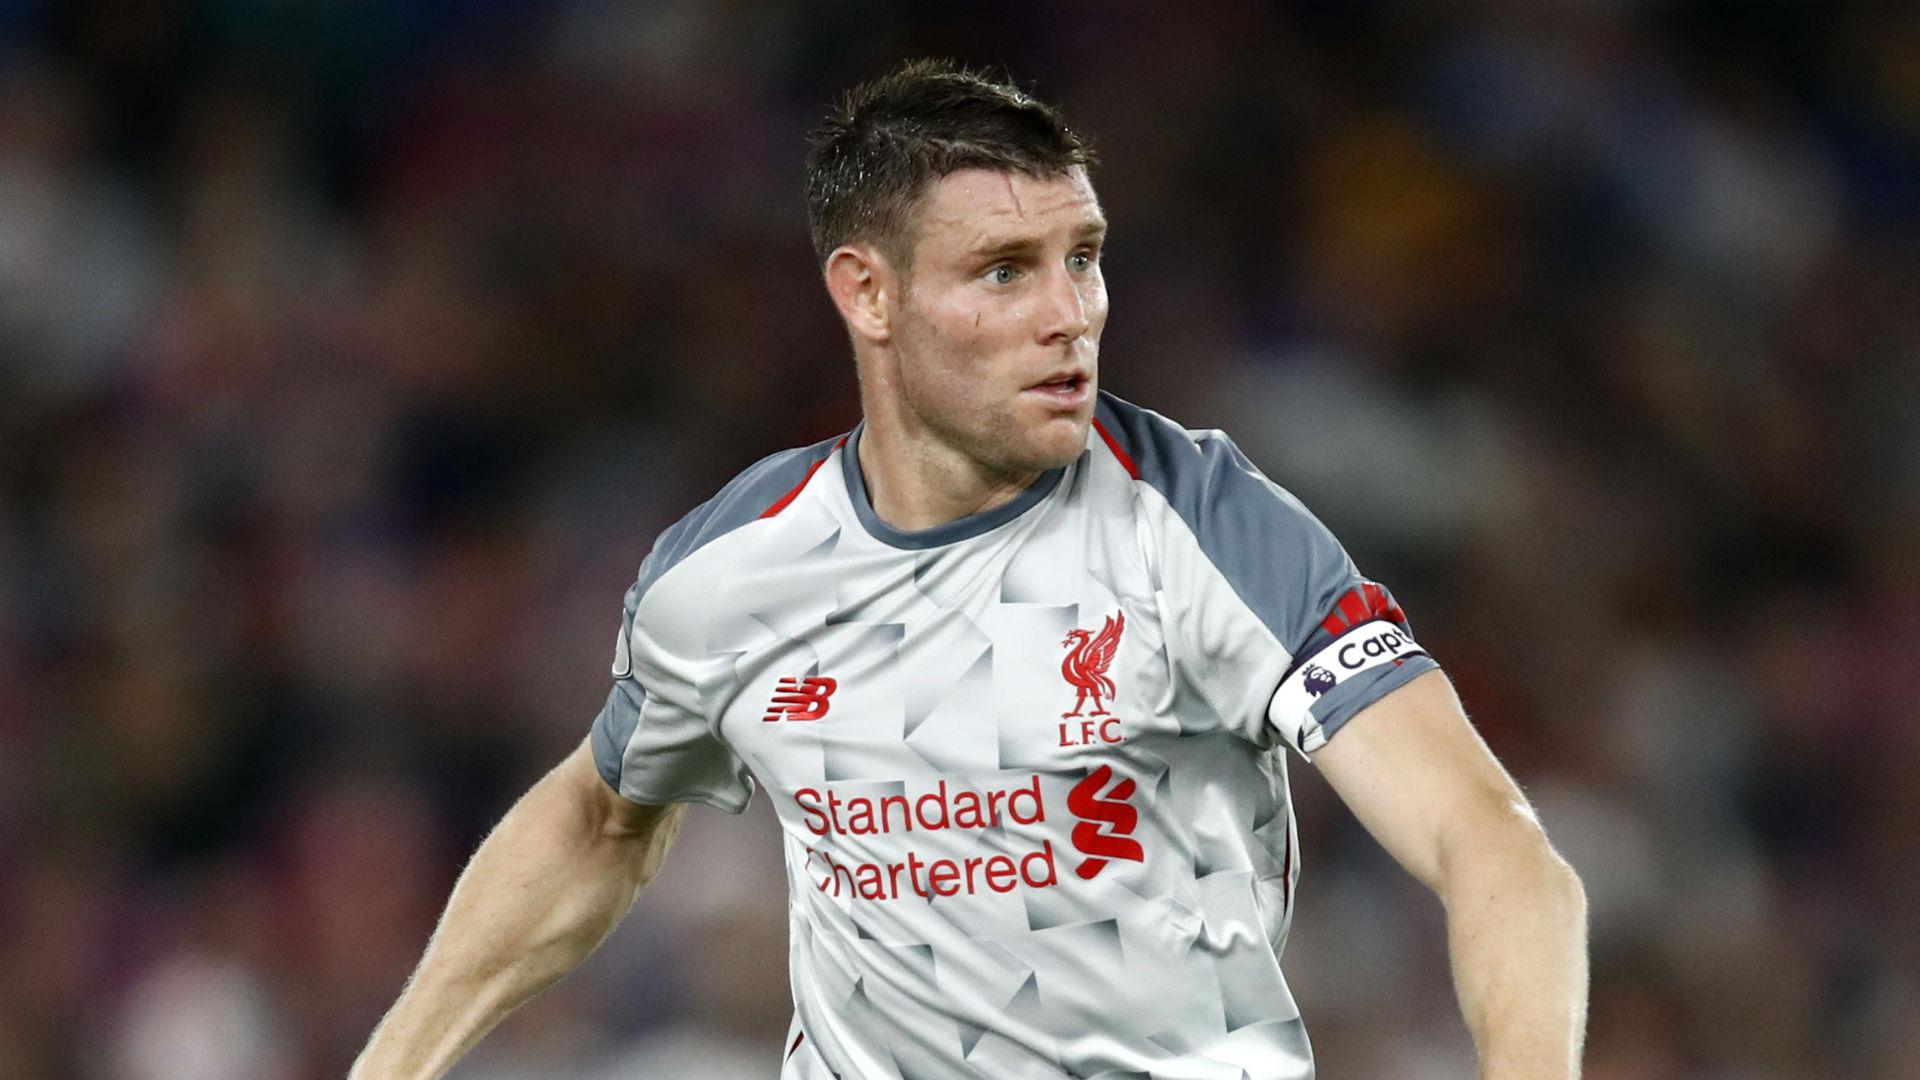 James Milner Liverpool 2018/19